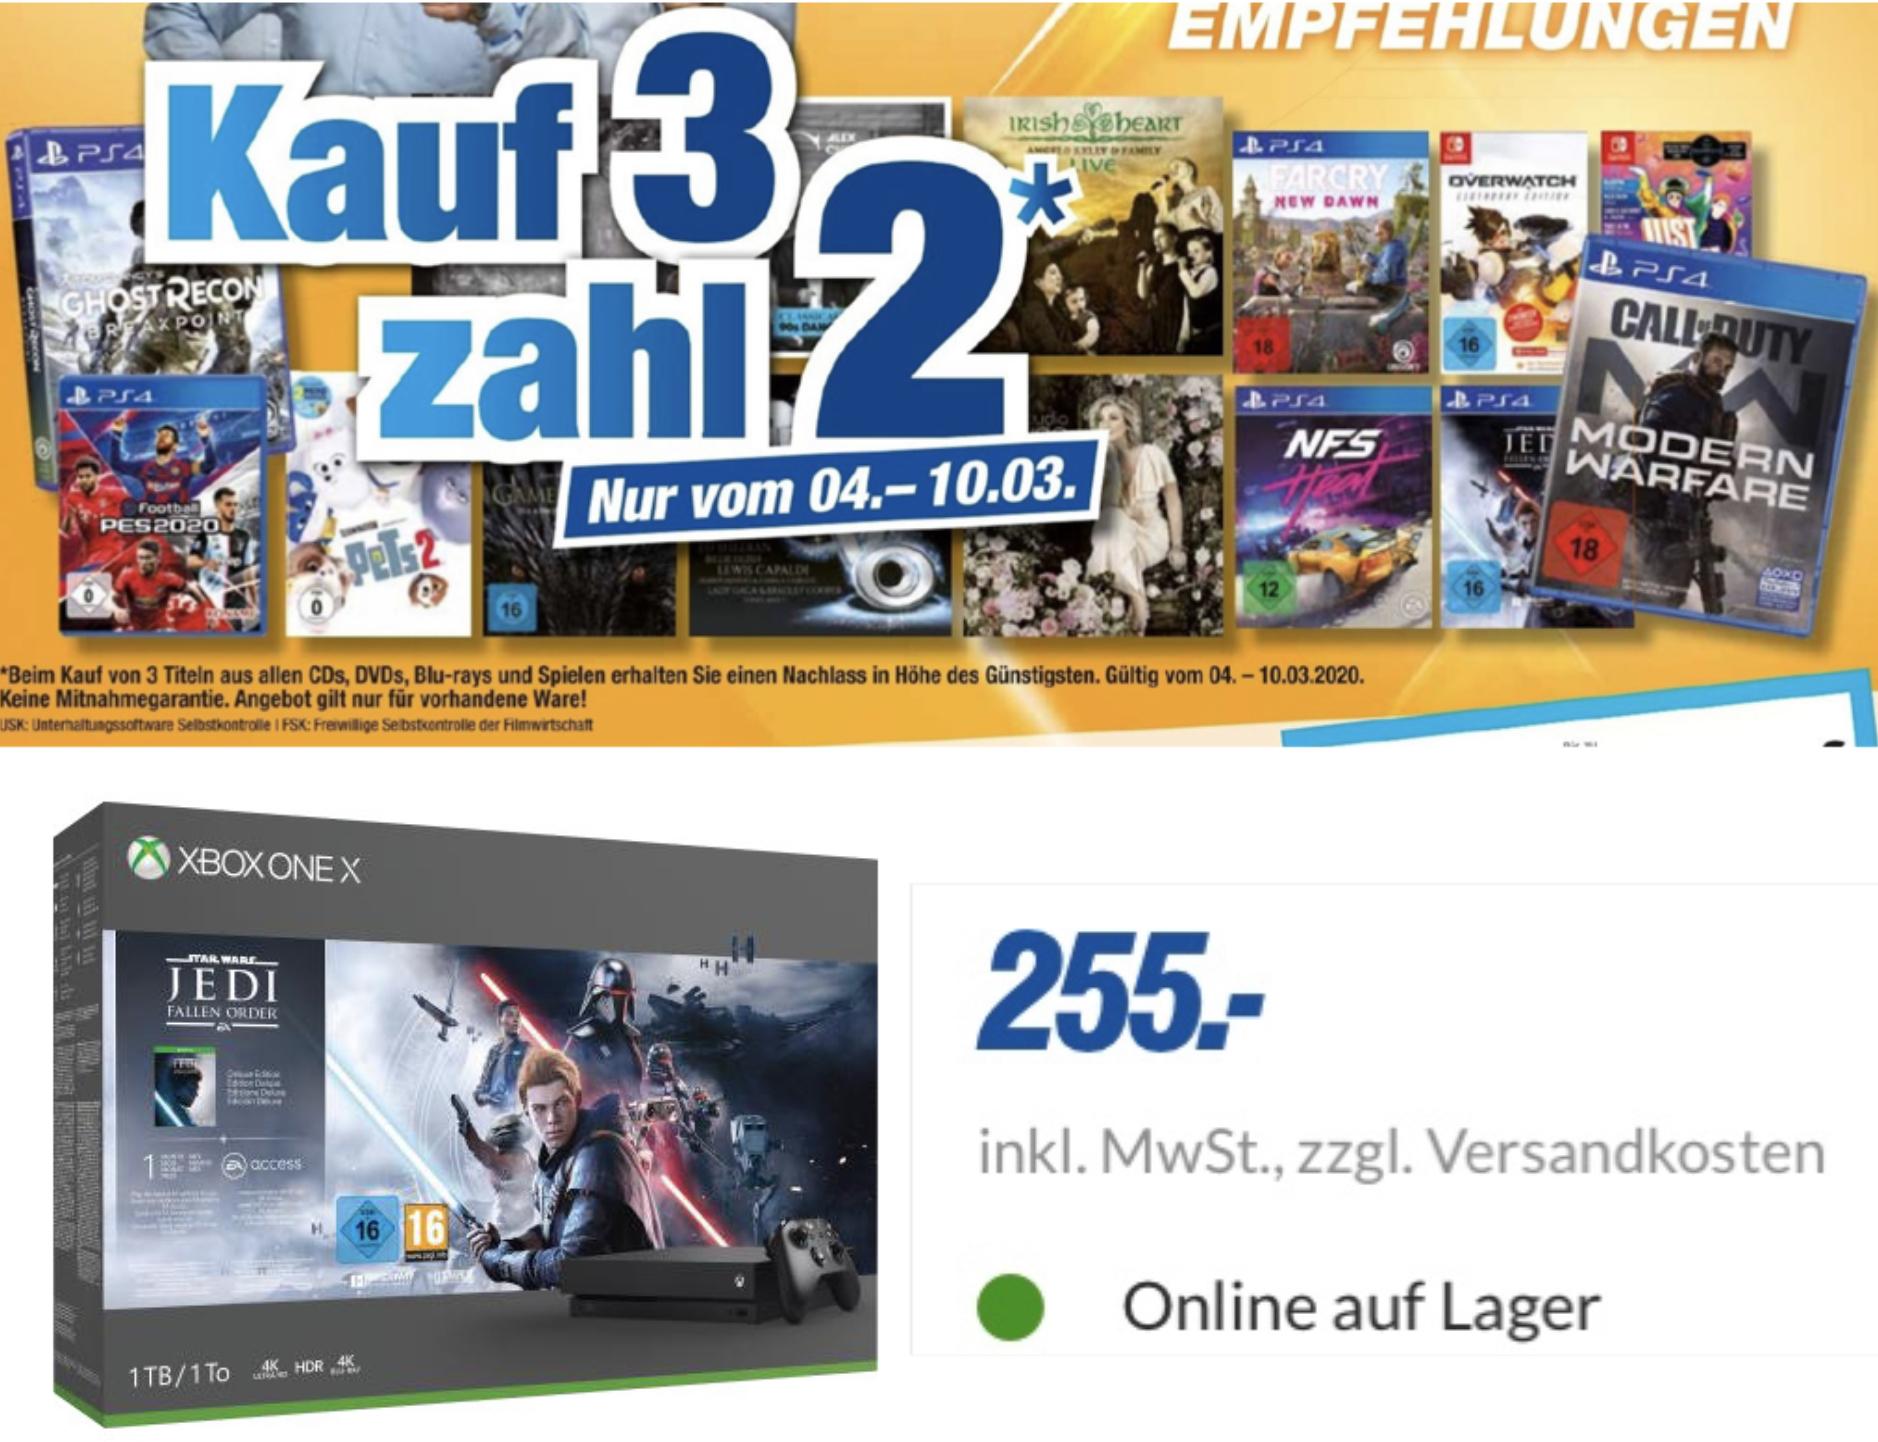 Expert Octomedia 4 Filialen.: 3 für 2 auf alle Spiele, Blu-rays, DVDs, CDs / Xbox One X Jedi Fallen Order Bundle für 255€ (Versand möglich)